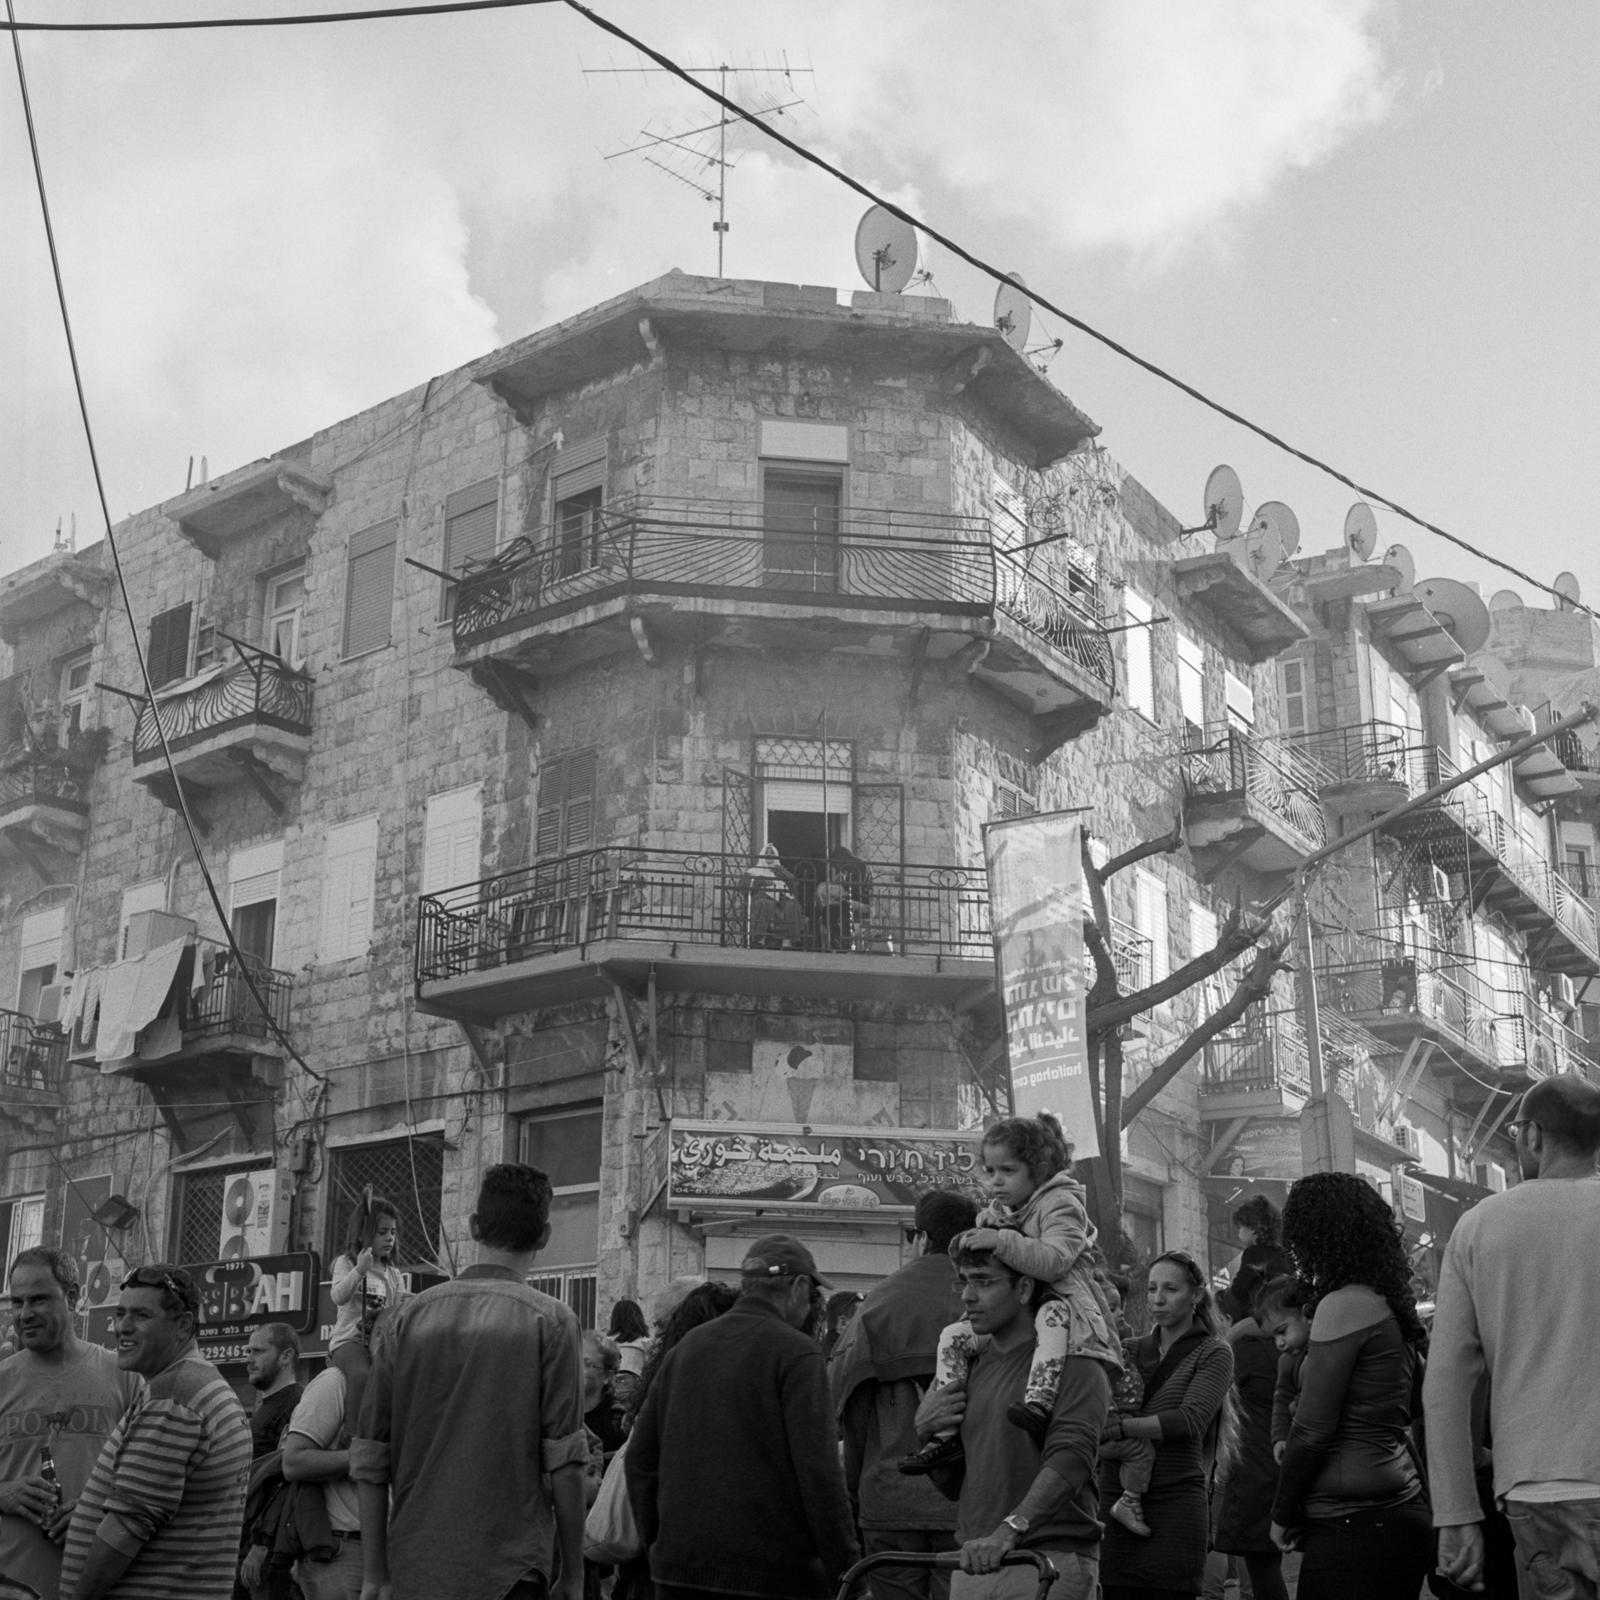 201412_Israel_MF3_TriX_Hasselblad_006-Edit